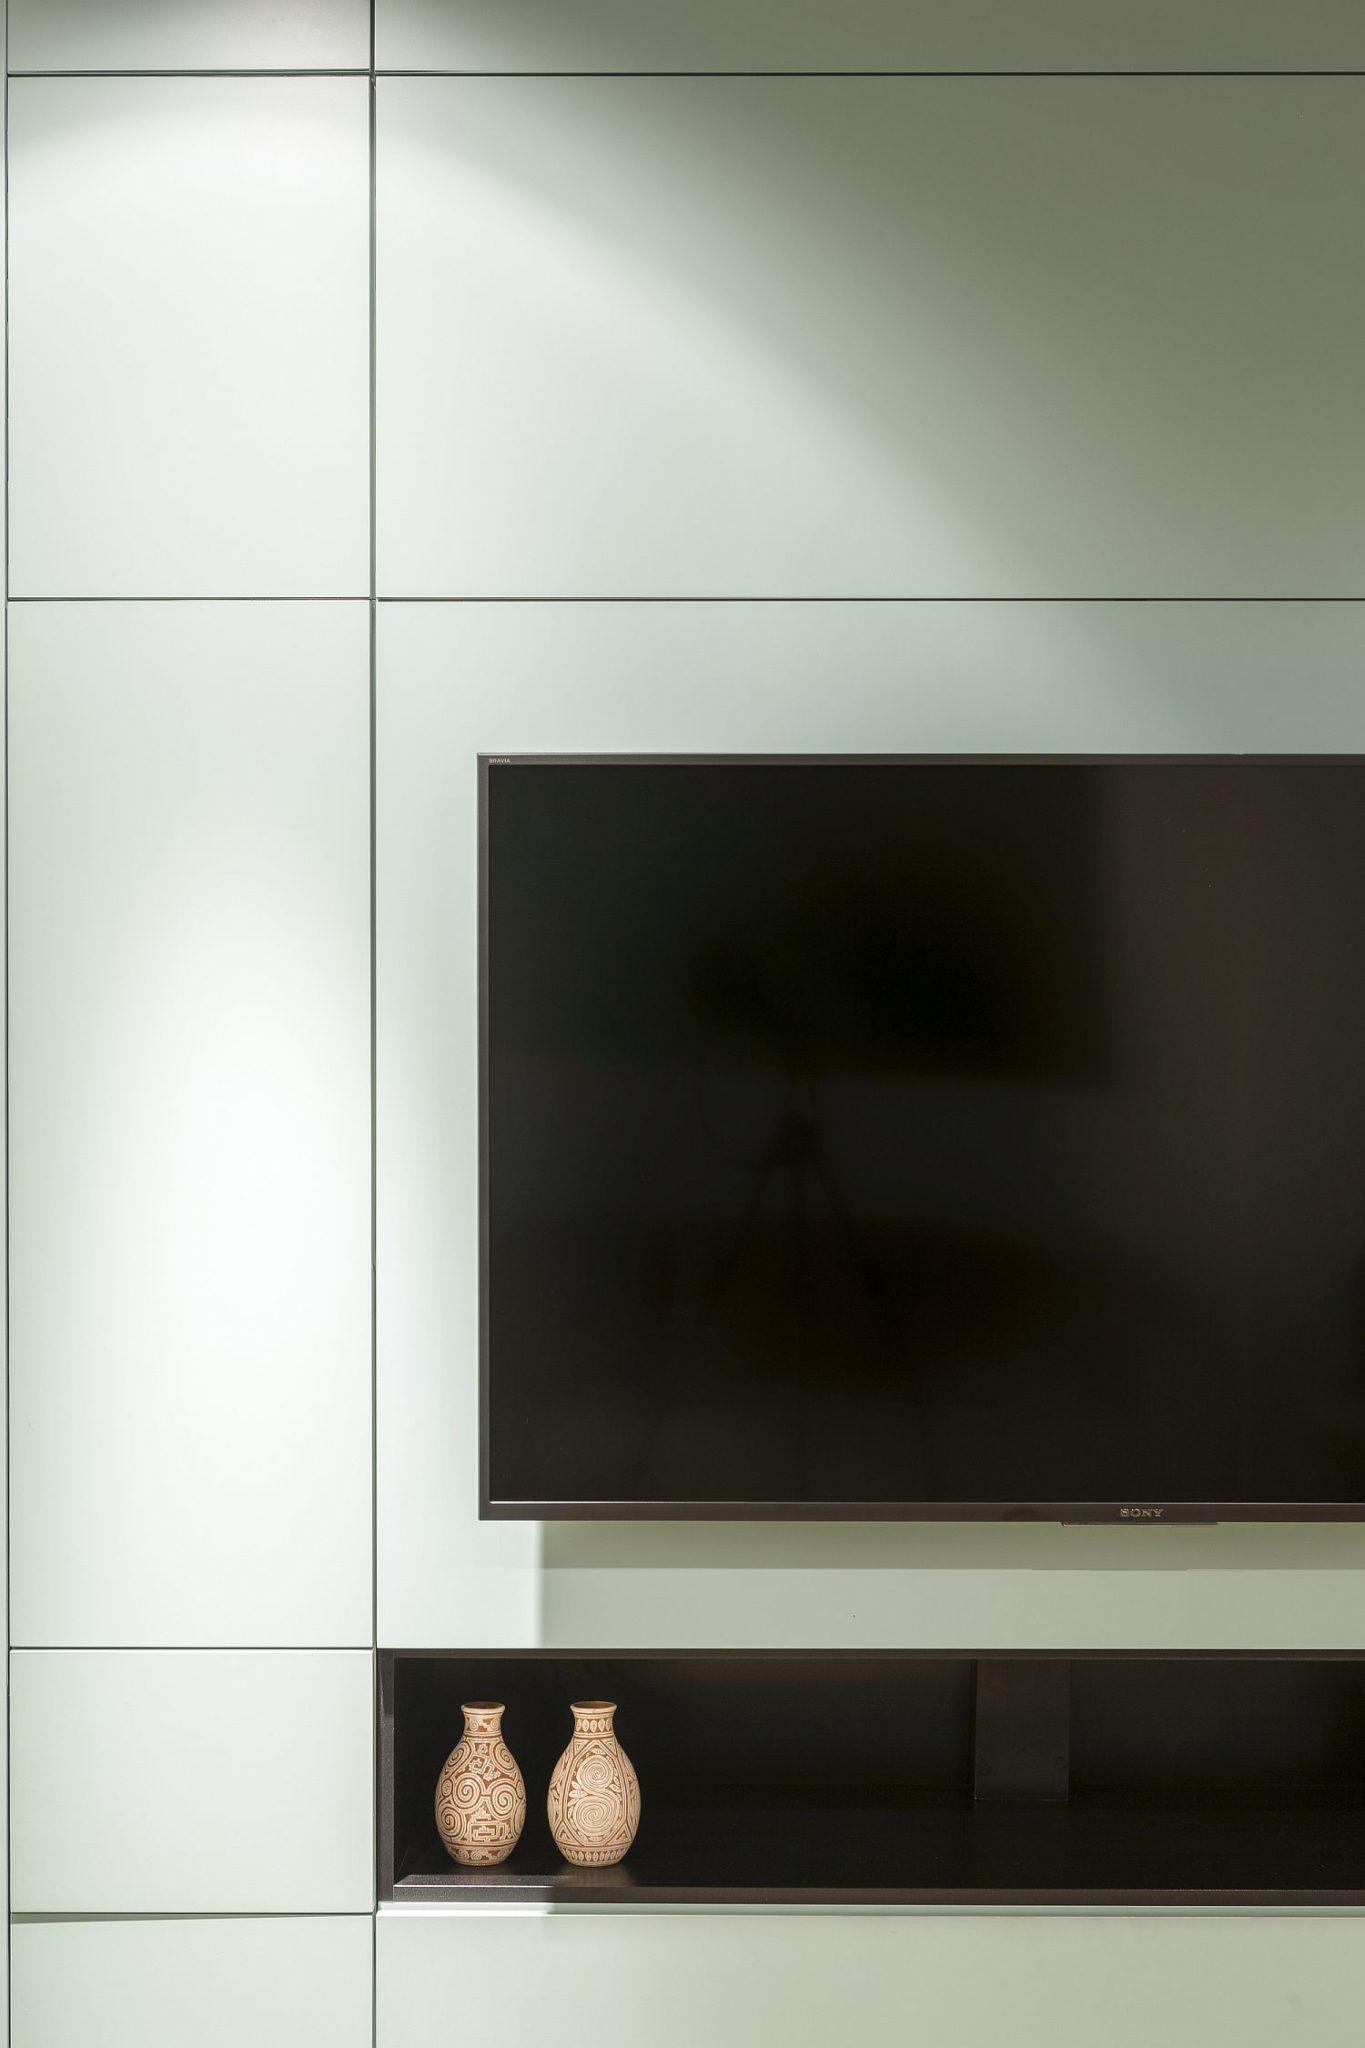 Hình ảnh cận cảnh hệ tủ đa năng màu xanh lá trong căn hộ, nơi đặt tivi, bình trang trí